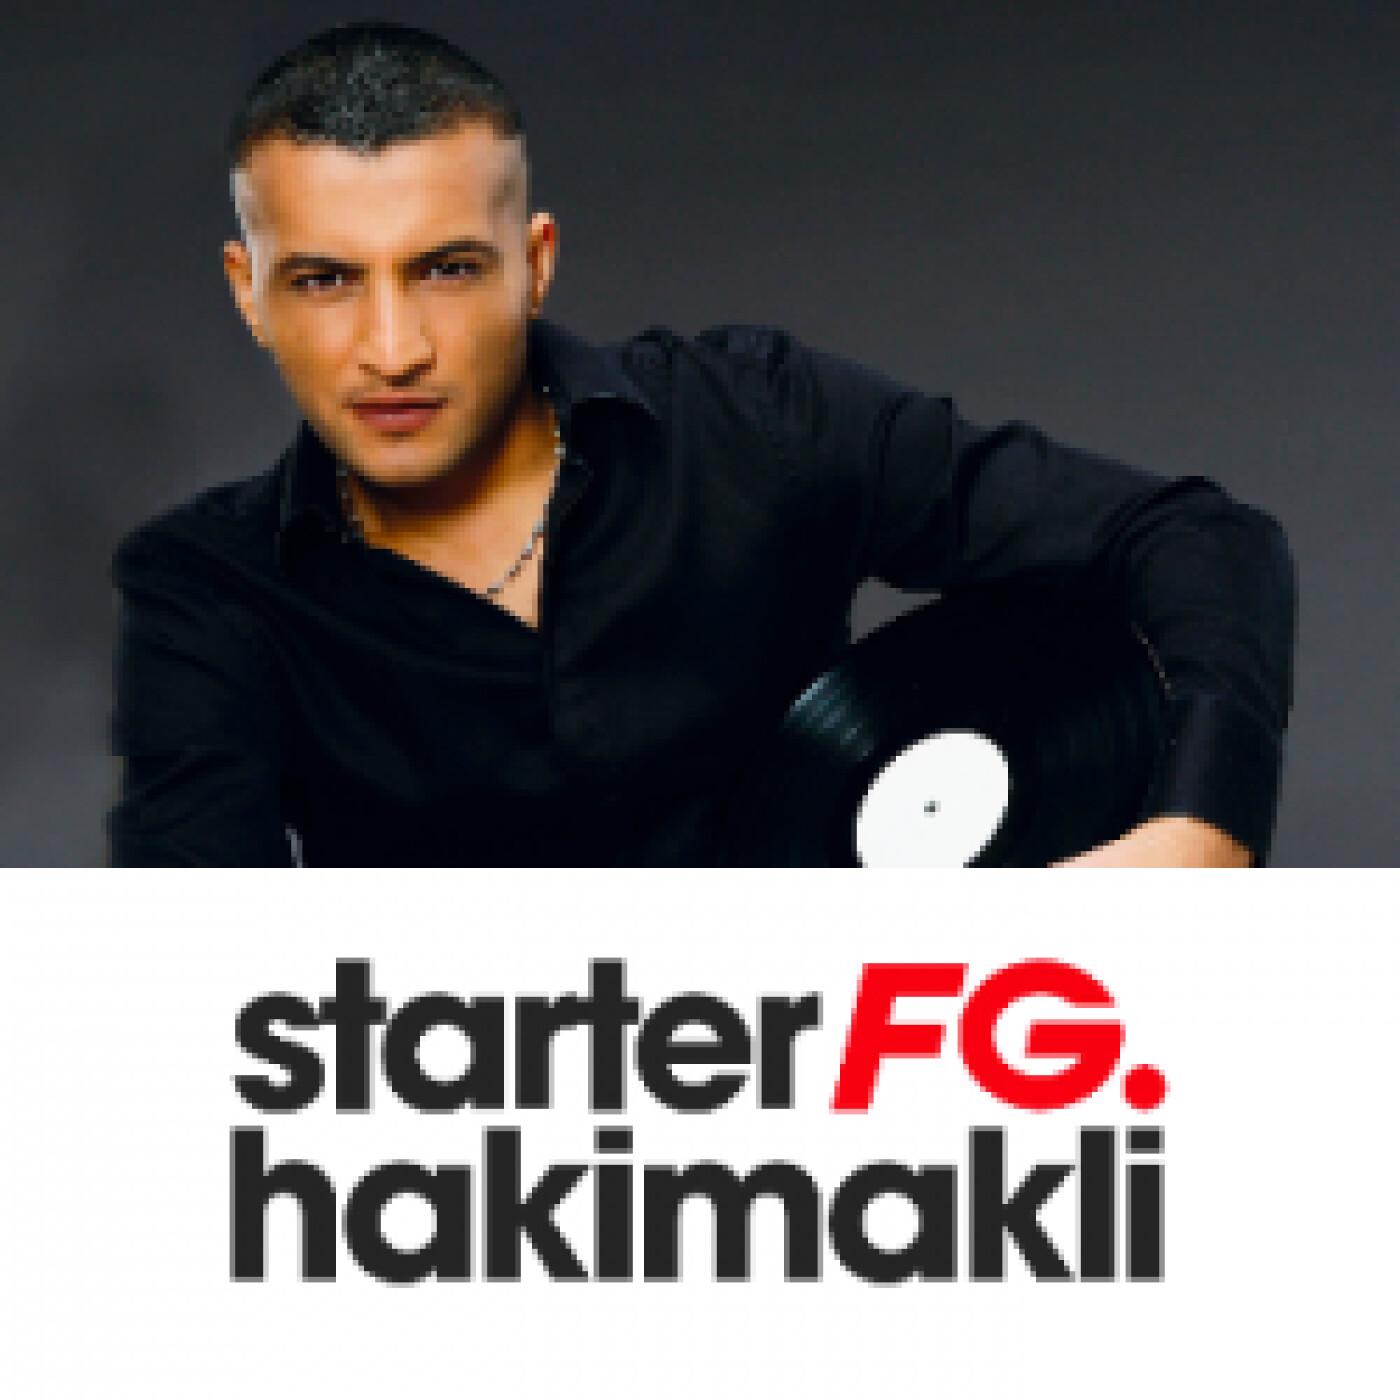 STARTER FG BY HAKIMAKLI LUNDI 15 FEVRIER 2021